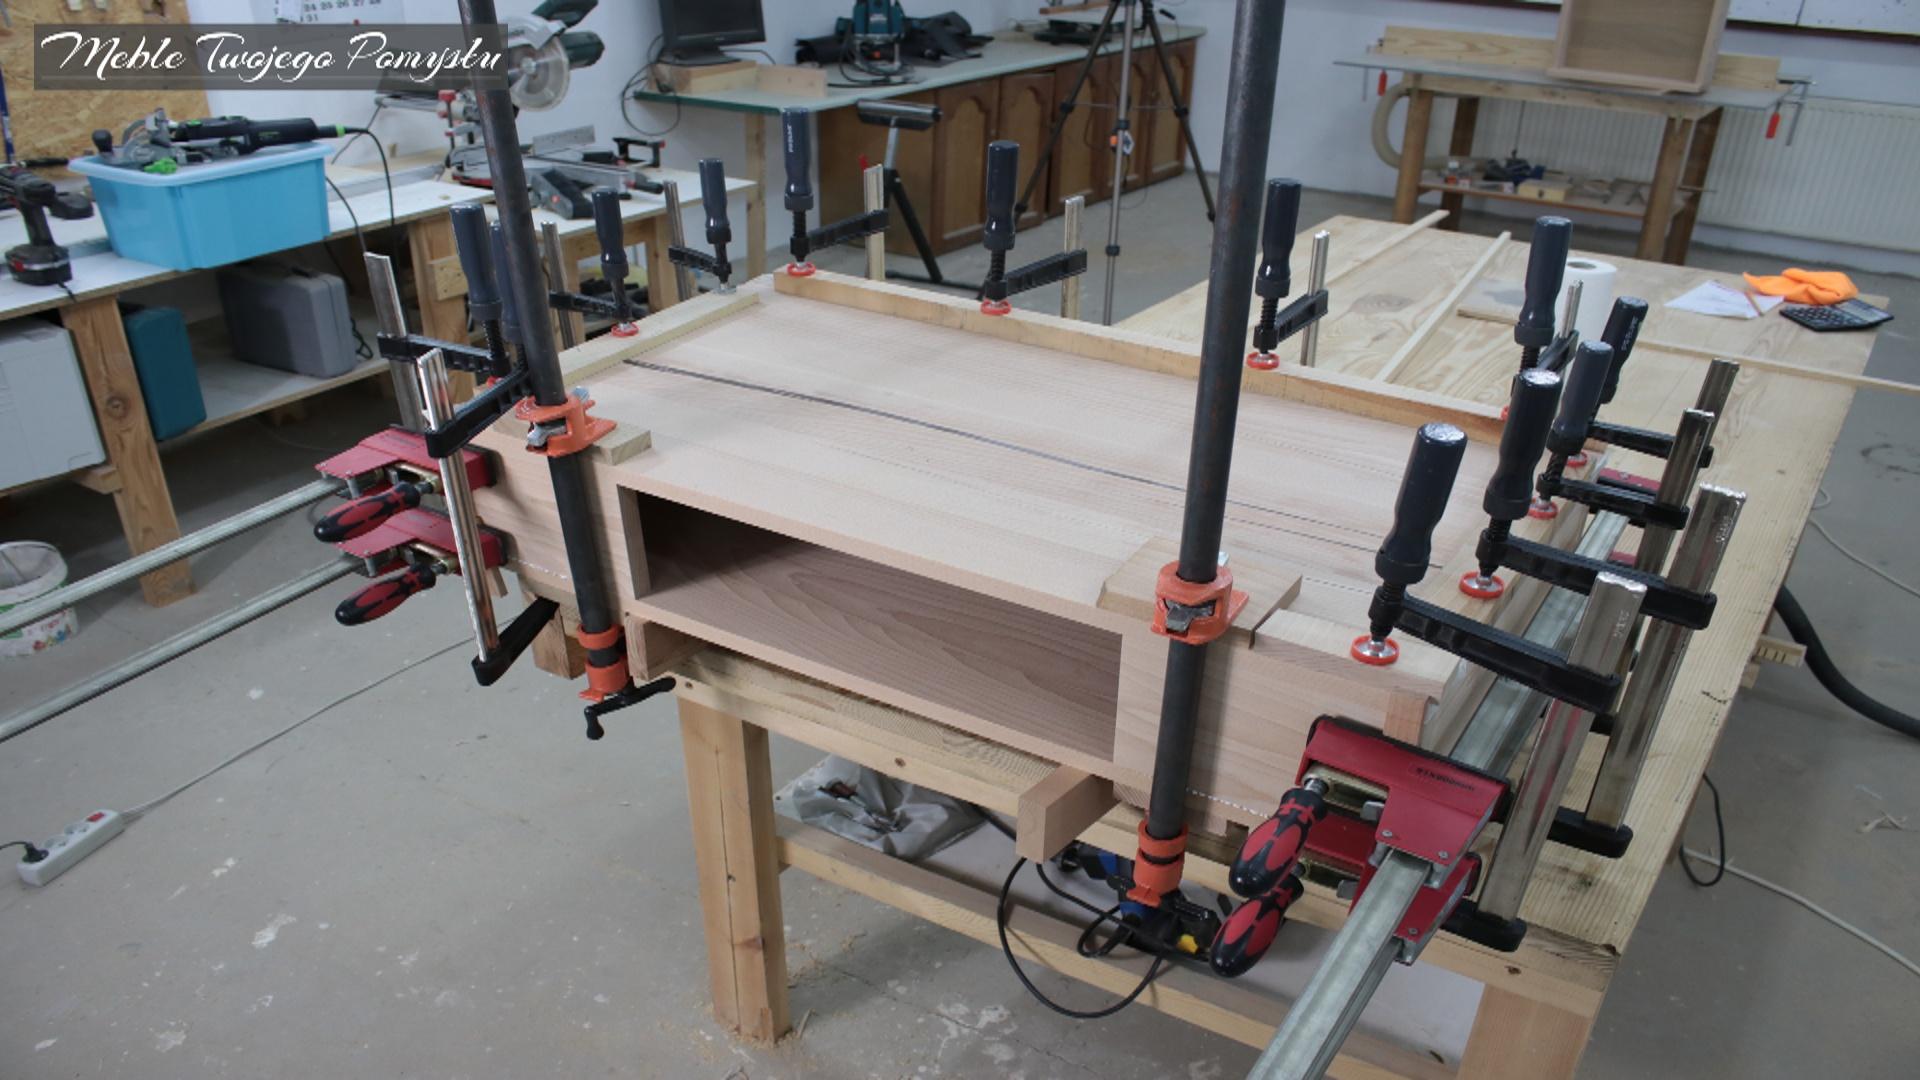 Klejenie elementów skrzyni stolika kawowego